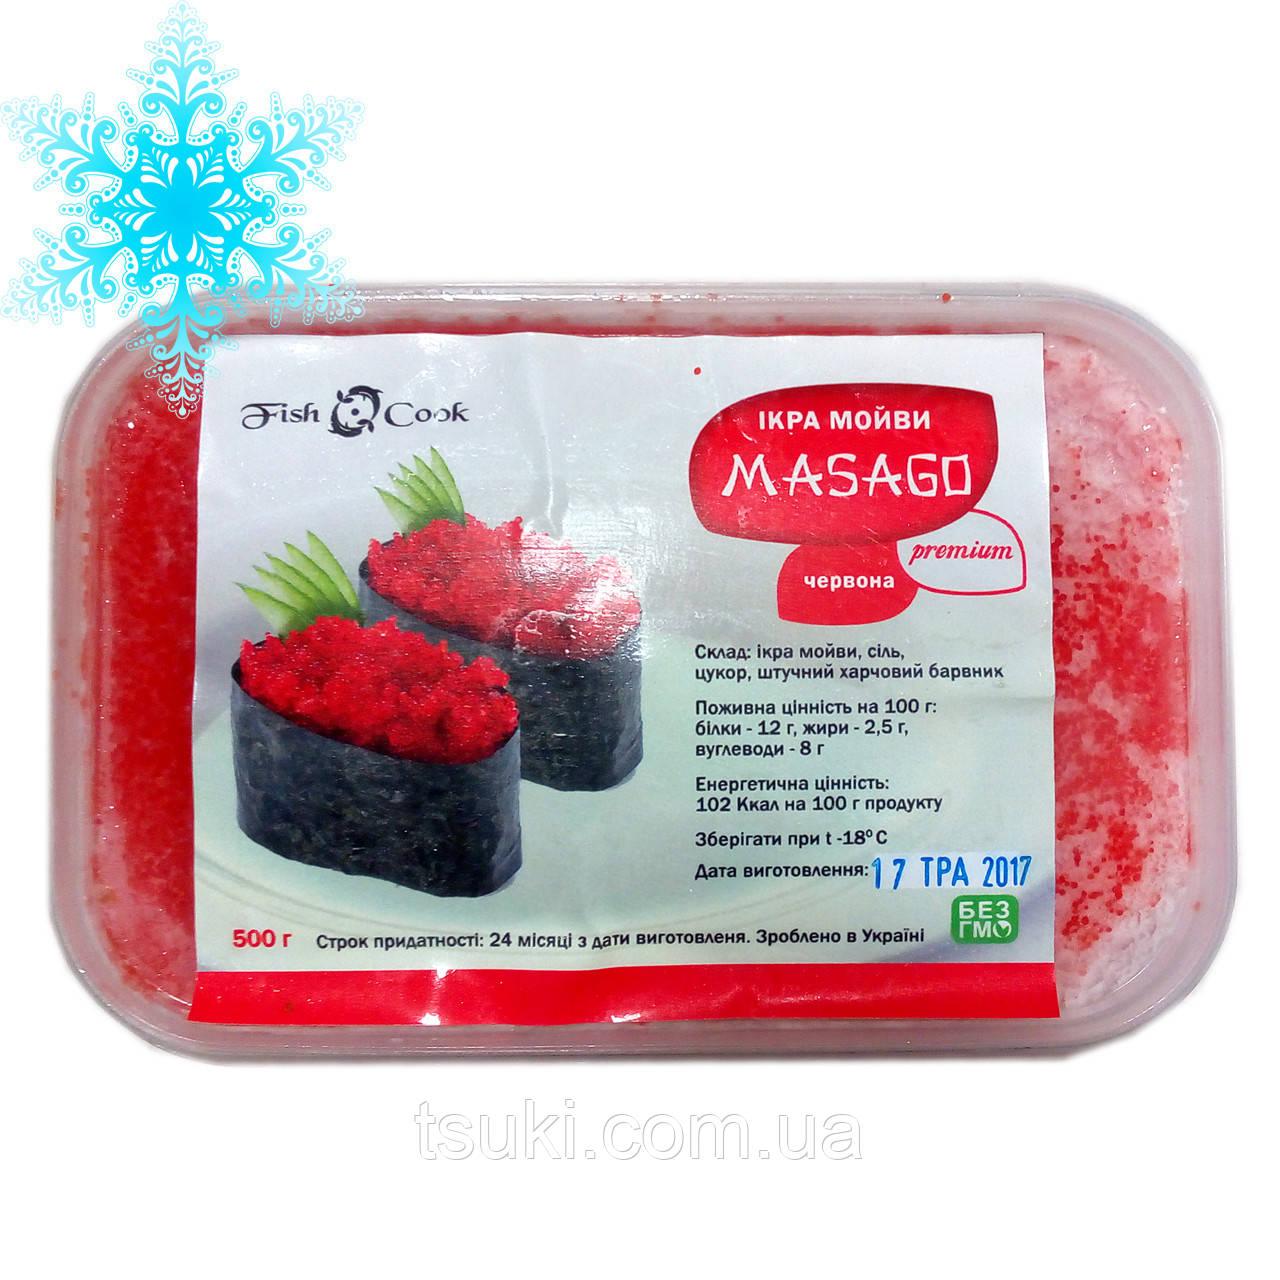 Икра мойвы Масаго красная 0,5кг замороженная